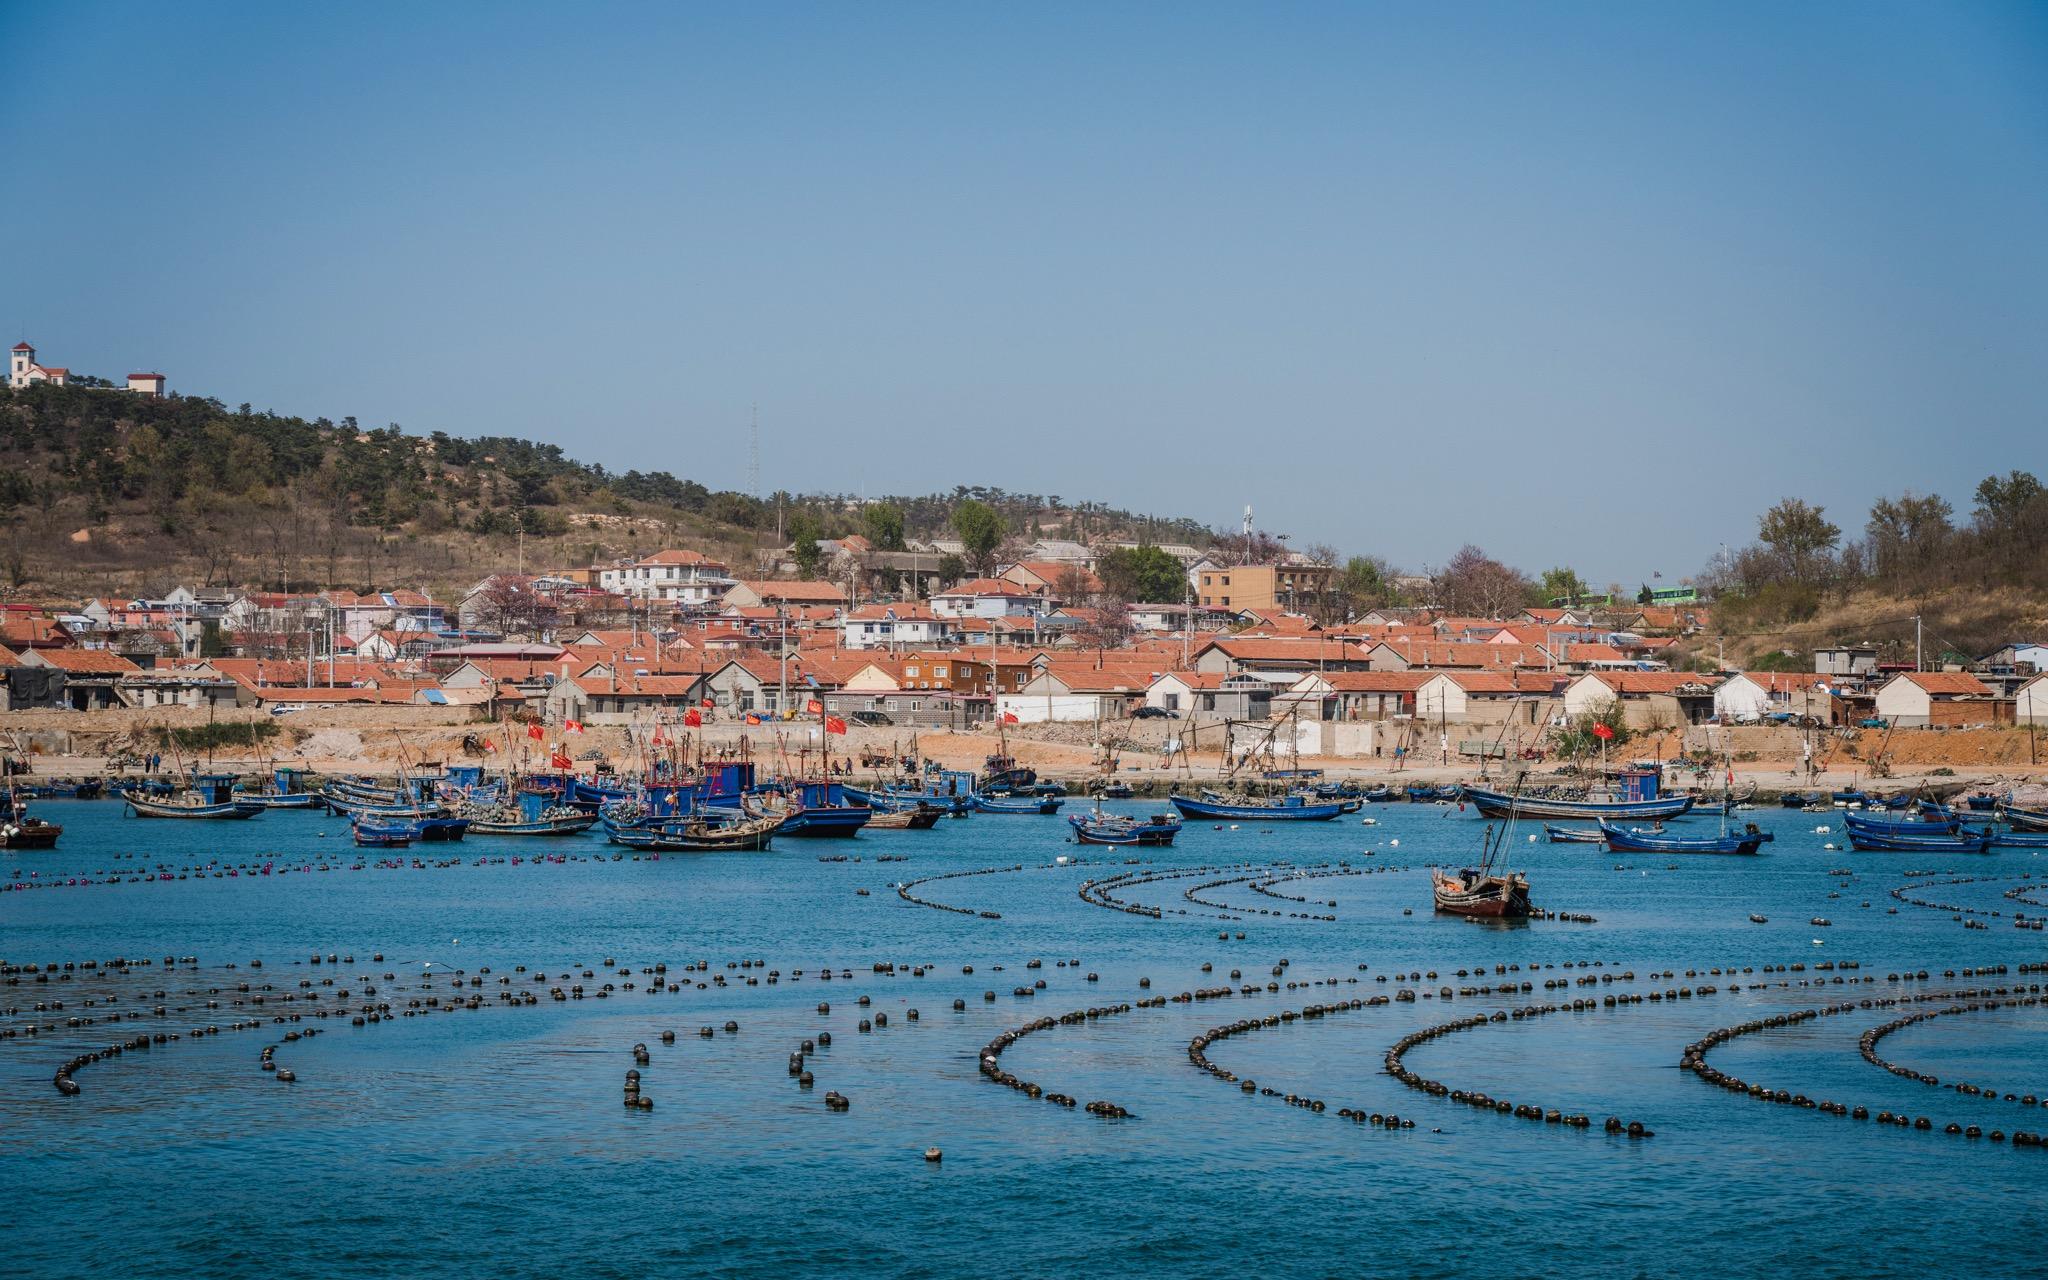 海上浮标、渔船和村落